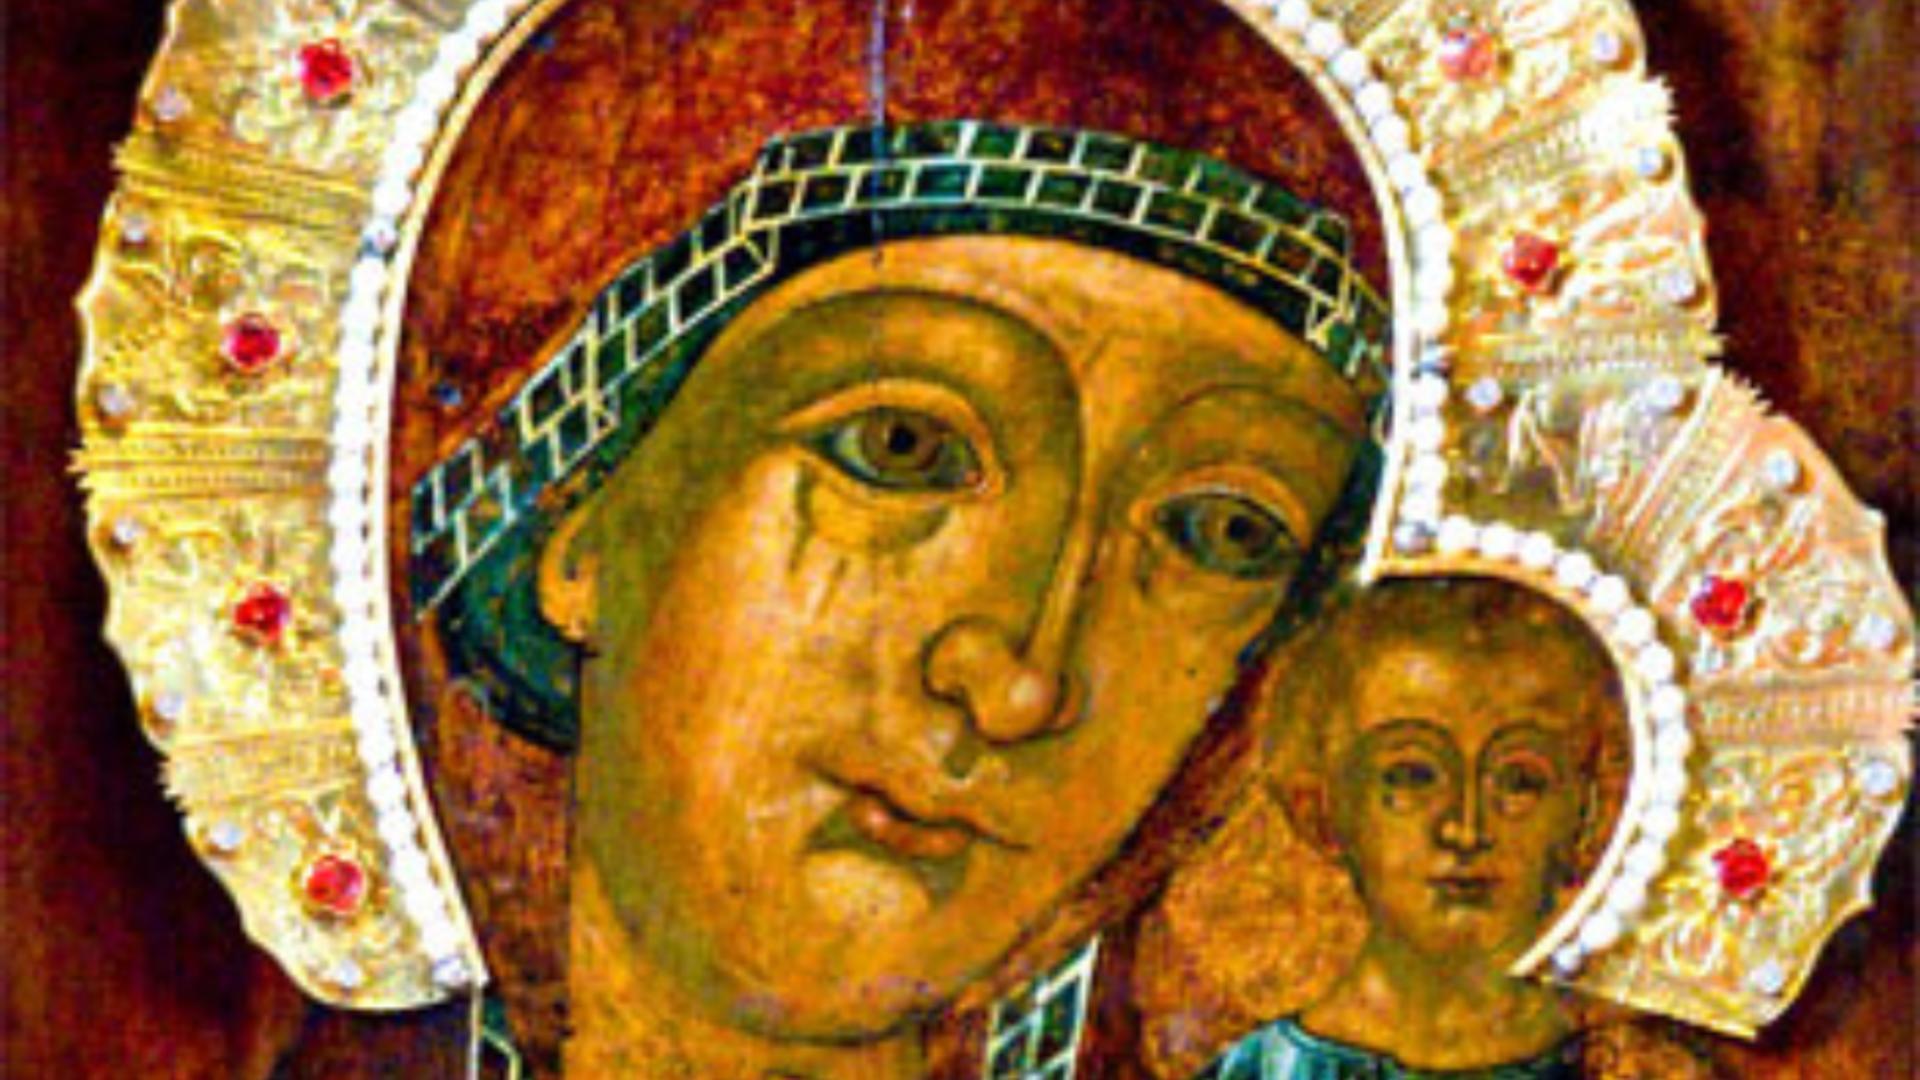 Icoana Făcătoare de Minuni de la mănăstirea Ghighiu a ajuns în București Foto: ZiarulLumina